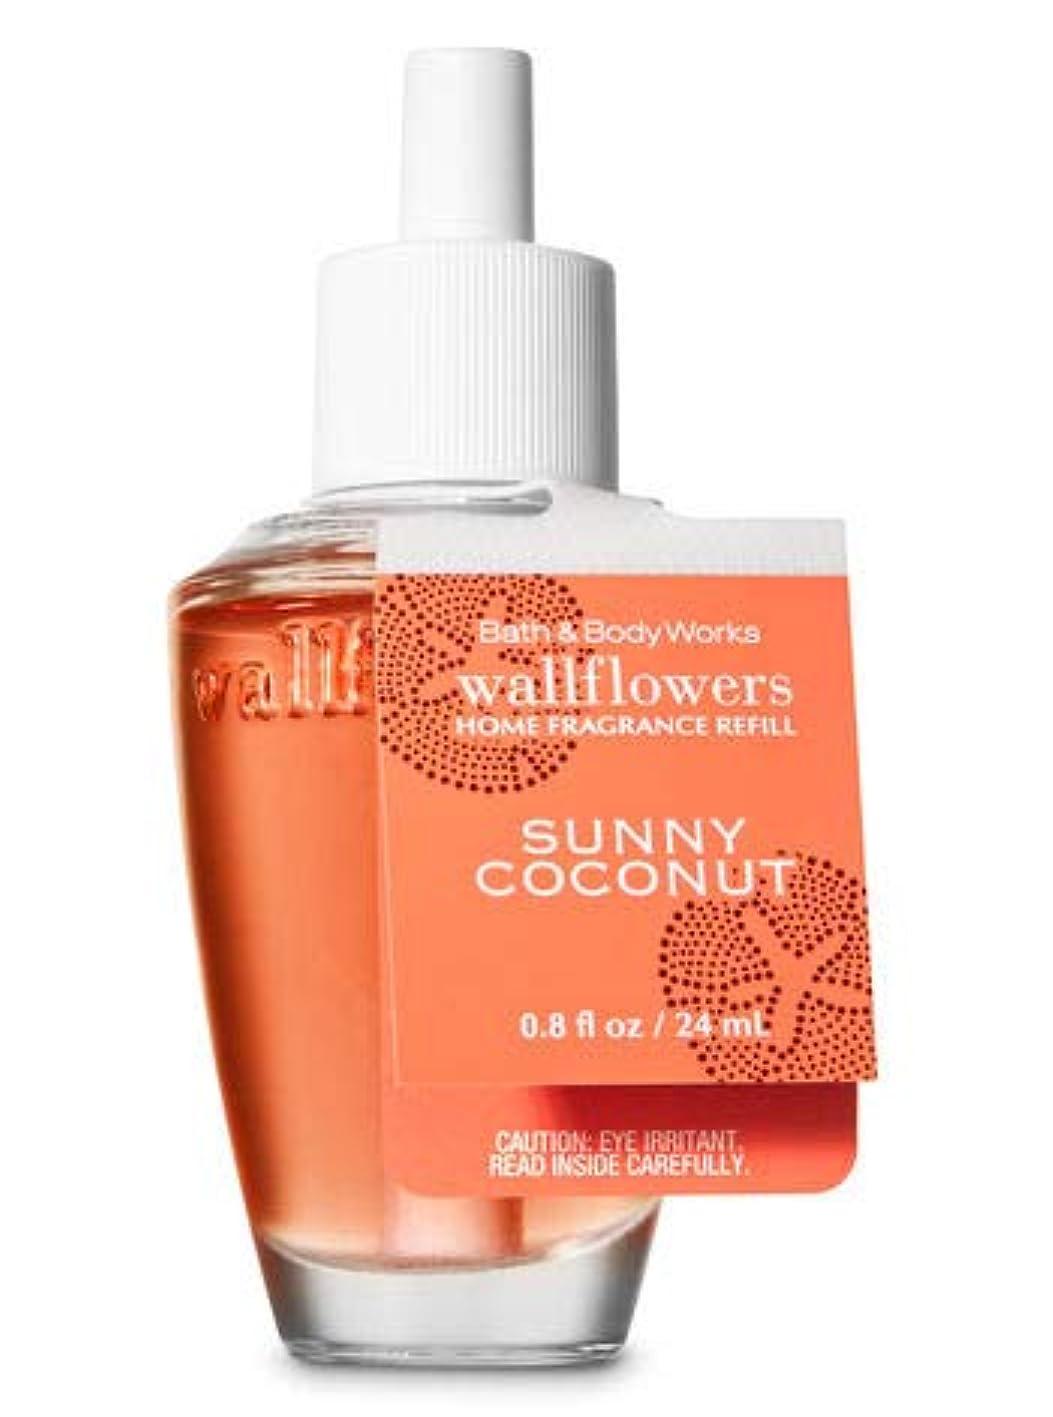 委員会性交里親【Bath&Body Works/バス&ボディワークス】 ルームフレグランス 詰替えリフィル サニーココナッツ Wallflowers Home Fragrance Refill Sunny Coconut [並行輸入品]